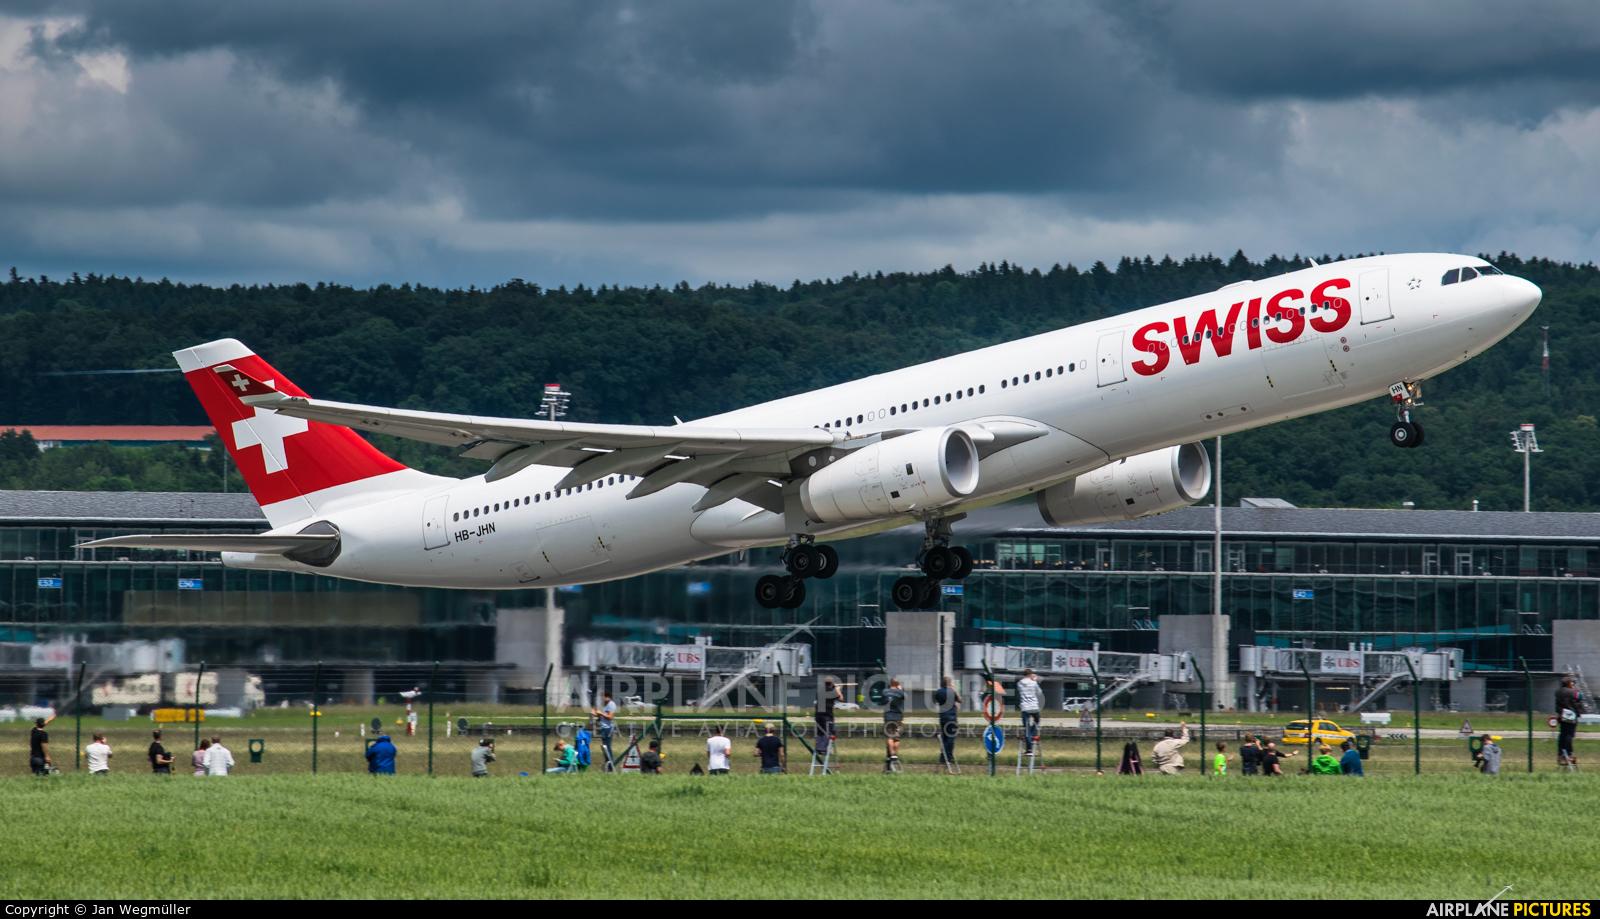 Swiss HB-JHN aircraft at Zurich